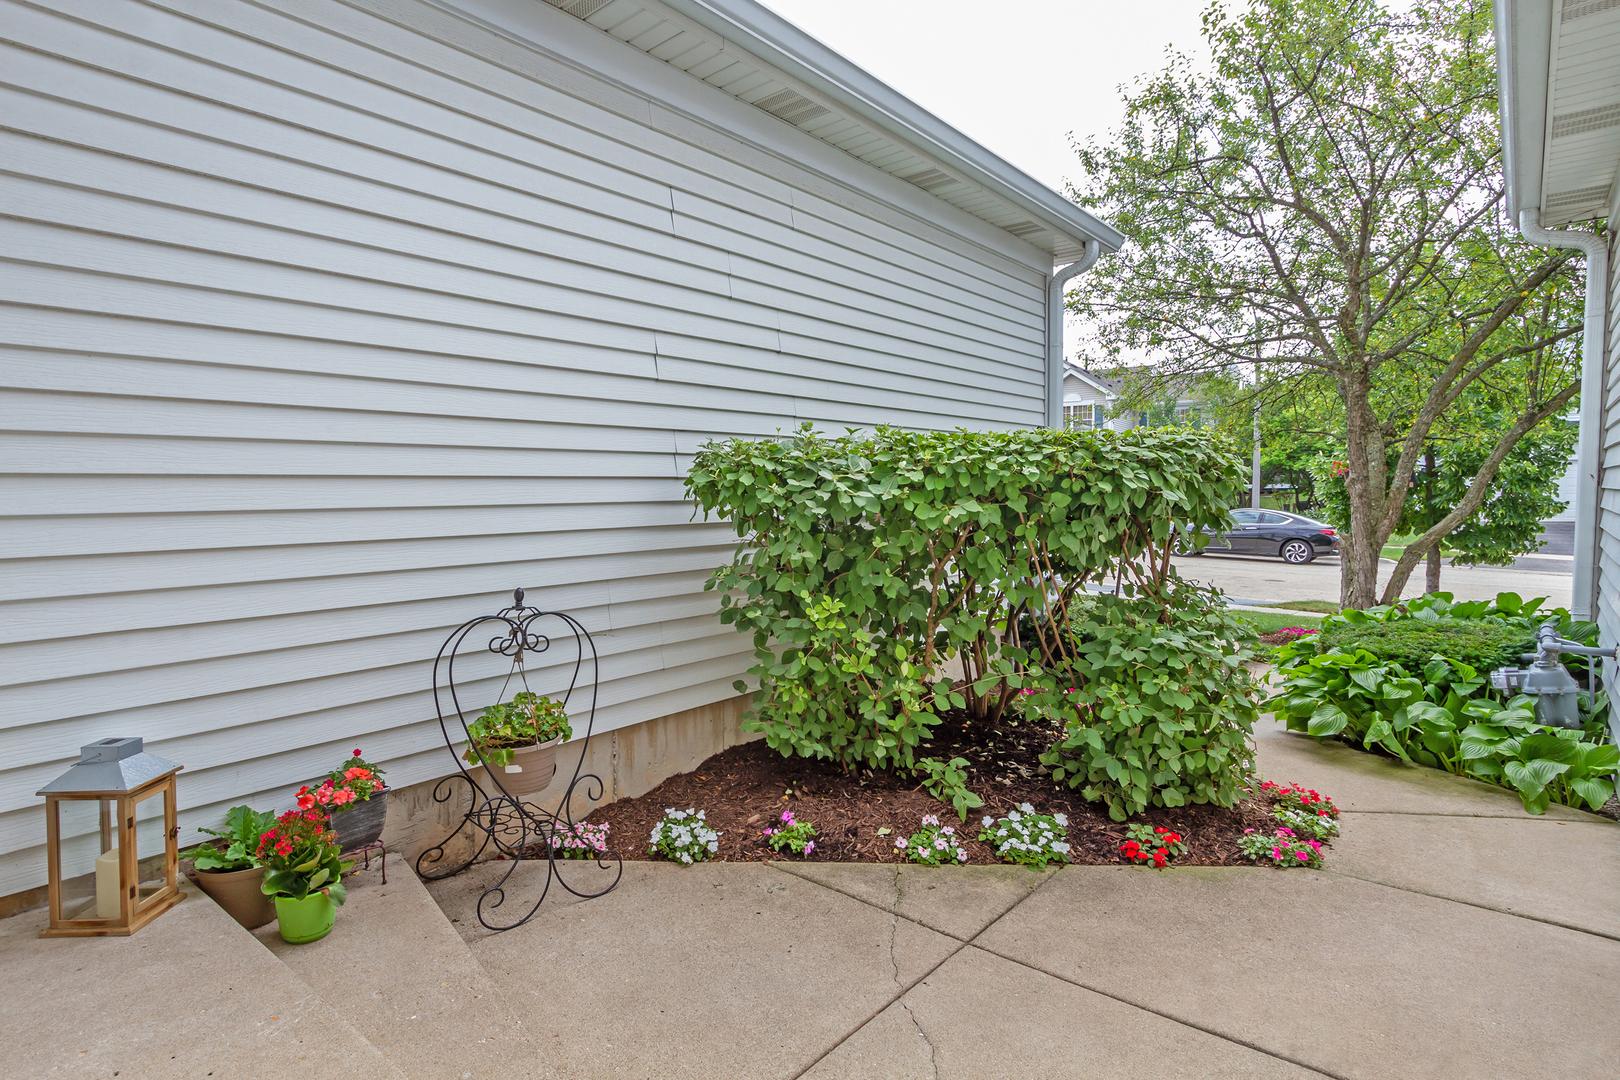 1422 Walnut Hill, ST. CHARLES, Illinois, 60174